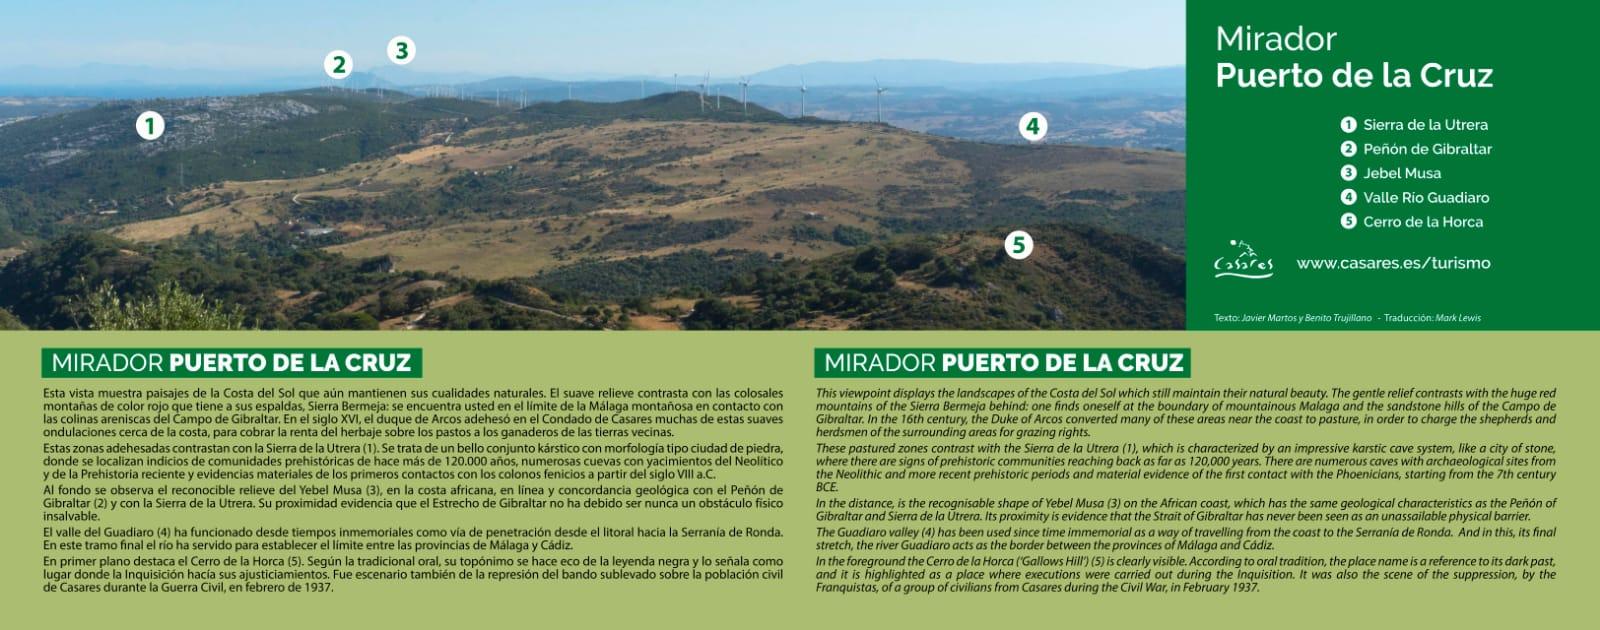 Mirador del Puerto de la Cruz (Casares)